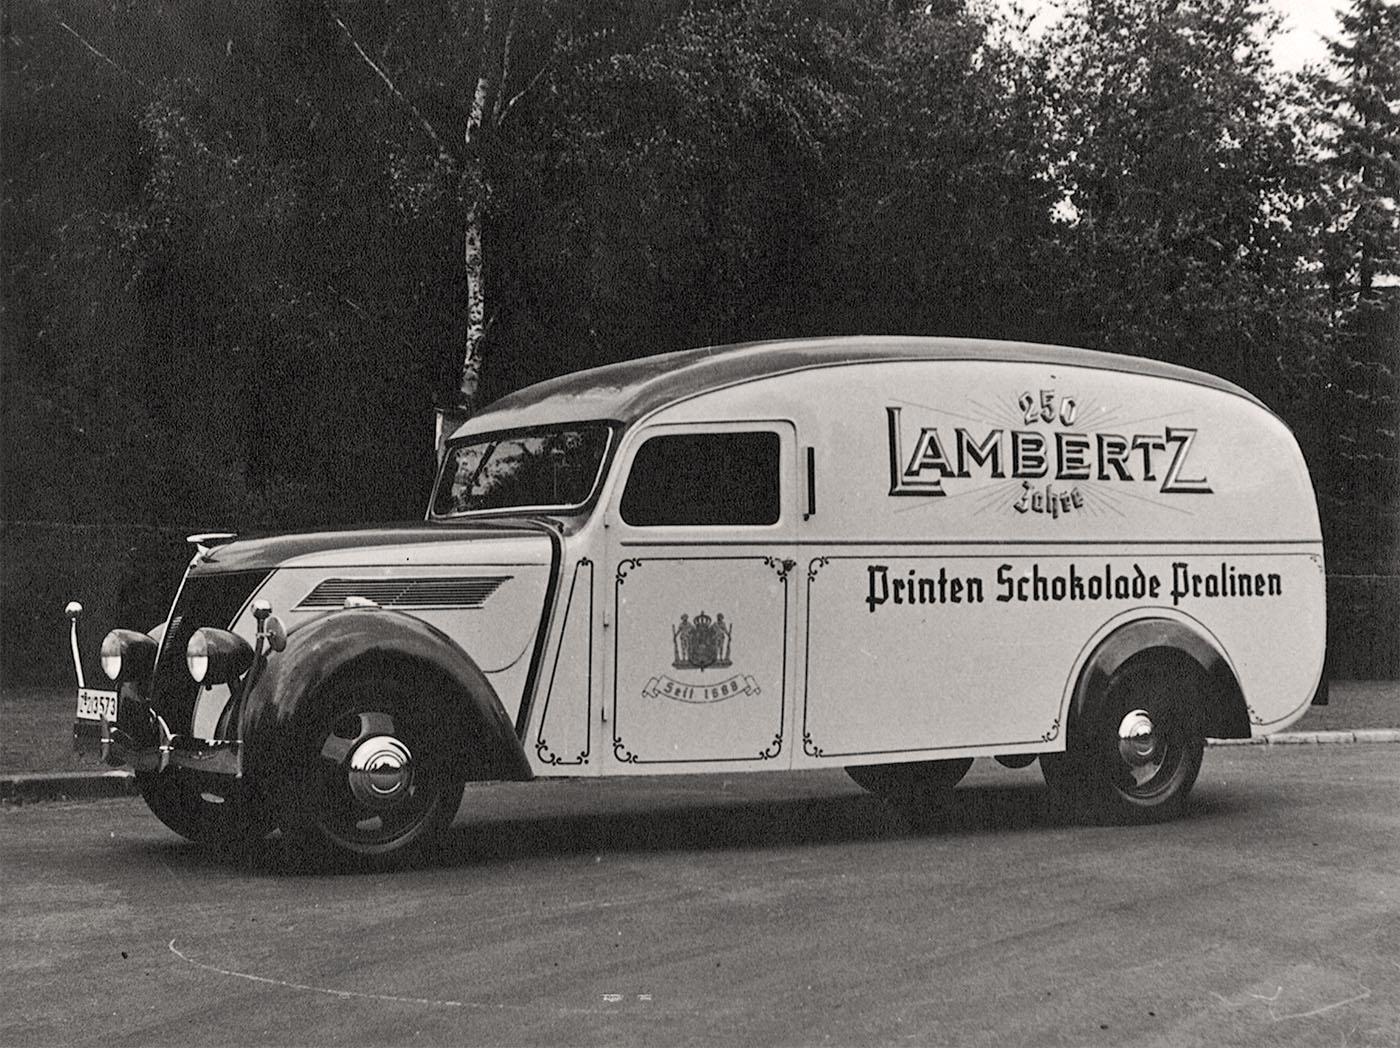 20210201-LAMBERTZ-02